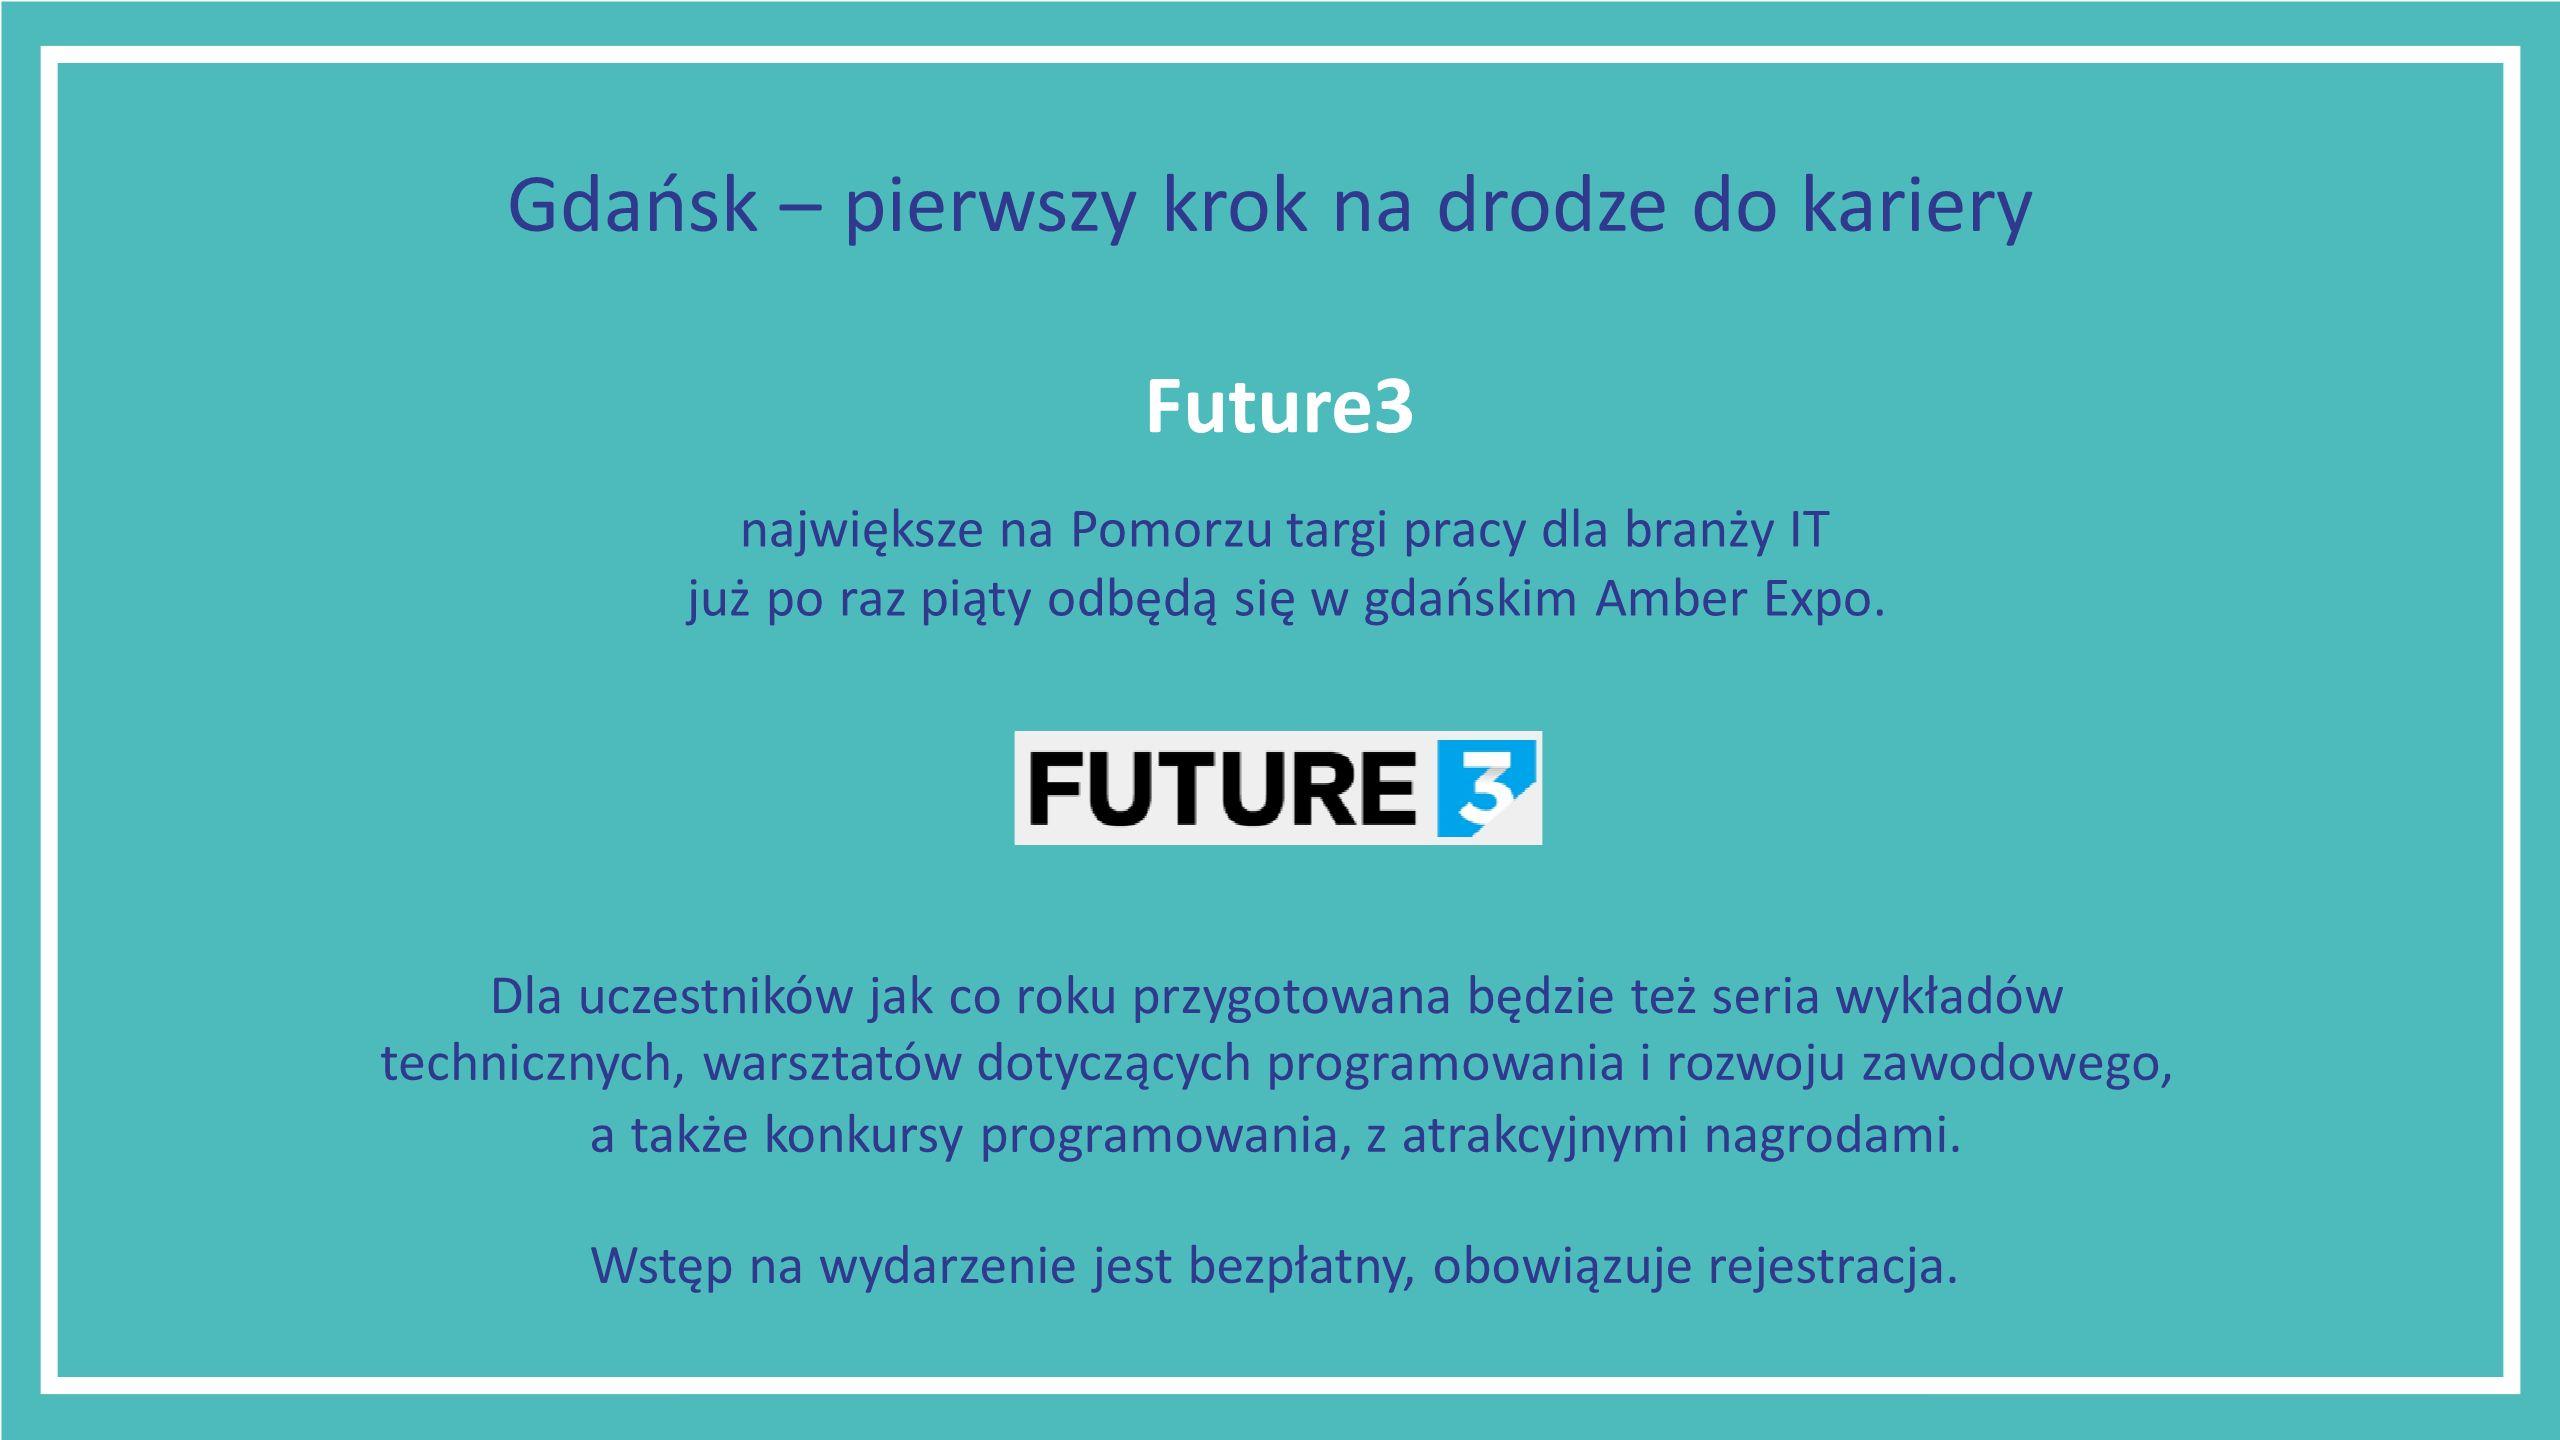 Future3 największe na Pomorzu targi pracy dla branży IT już po raz piąty odbędą się w gdańskim Amber Expo.